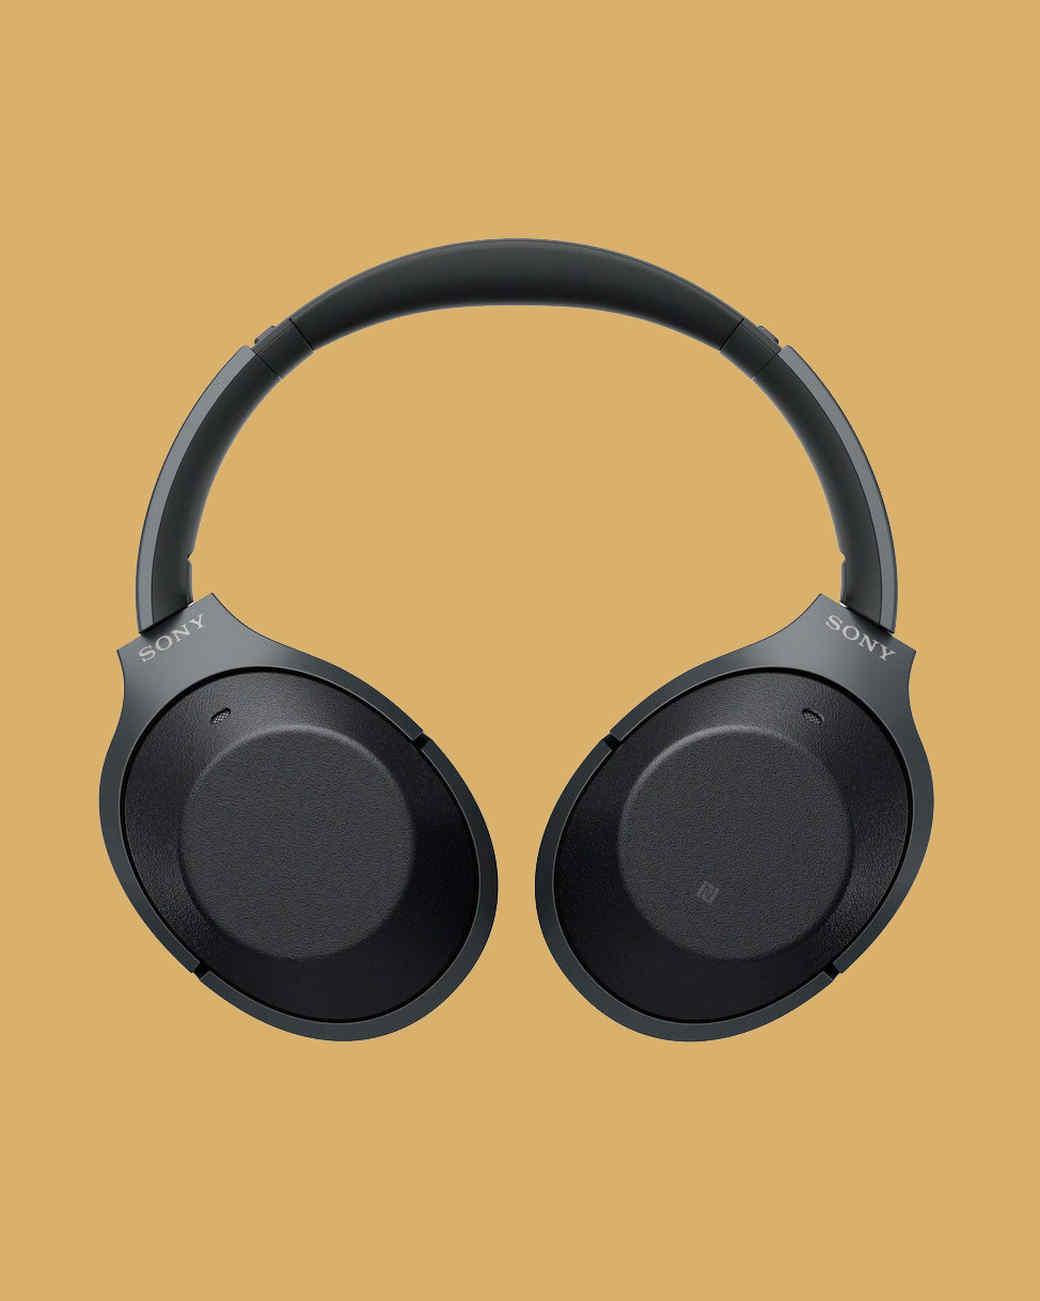 Sony 1000XM2 Premium Wireless Noise Cancelling Headphones